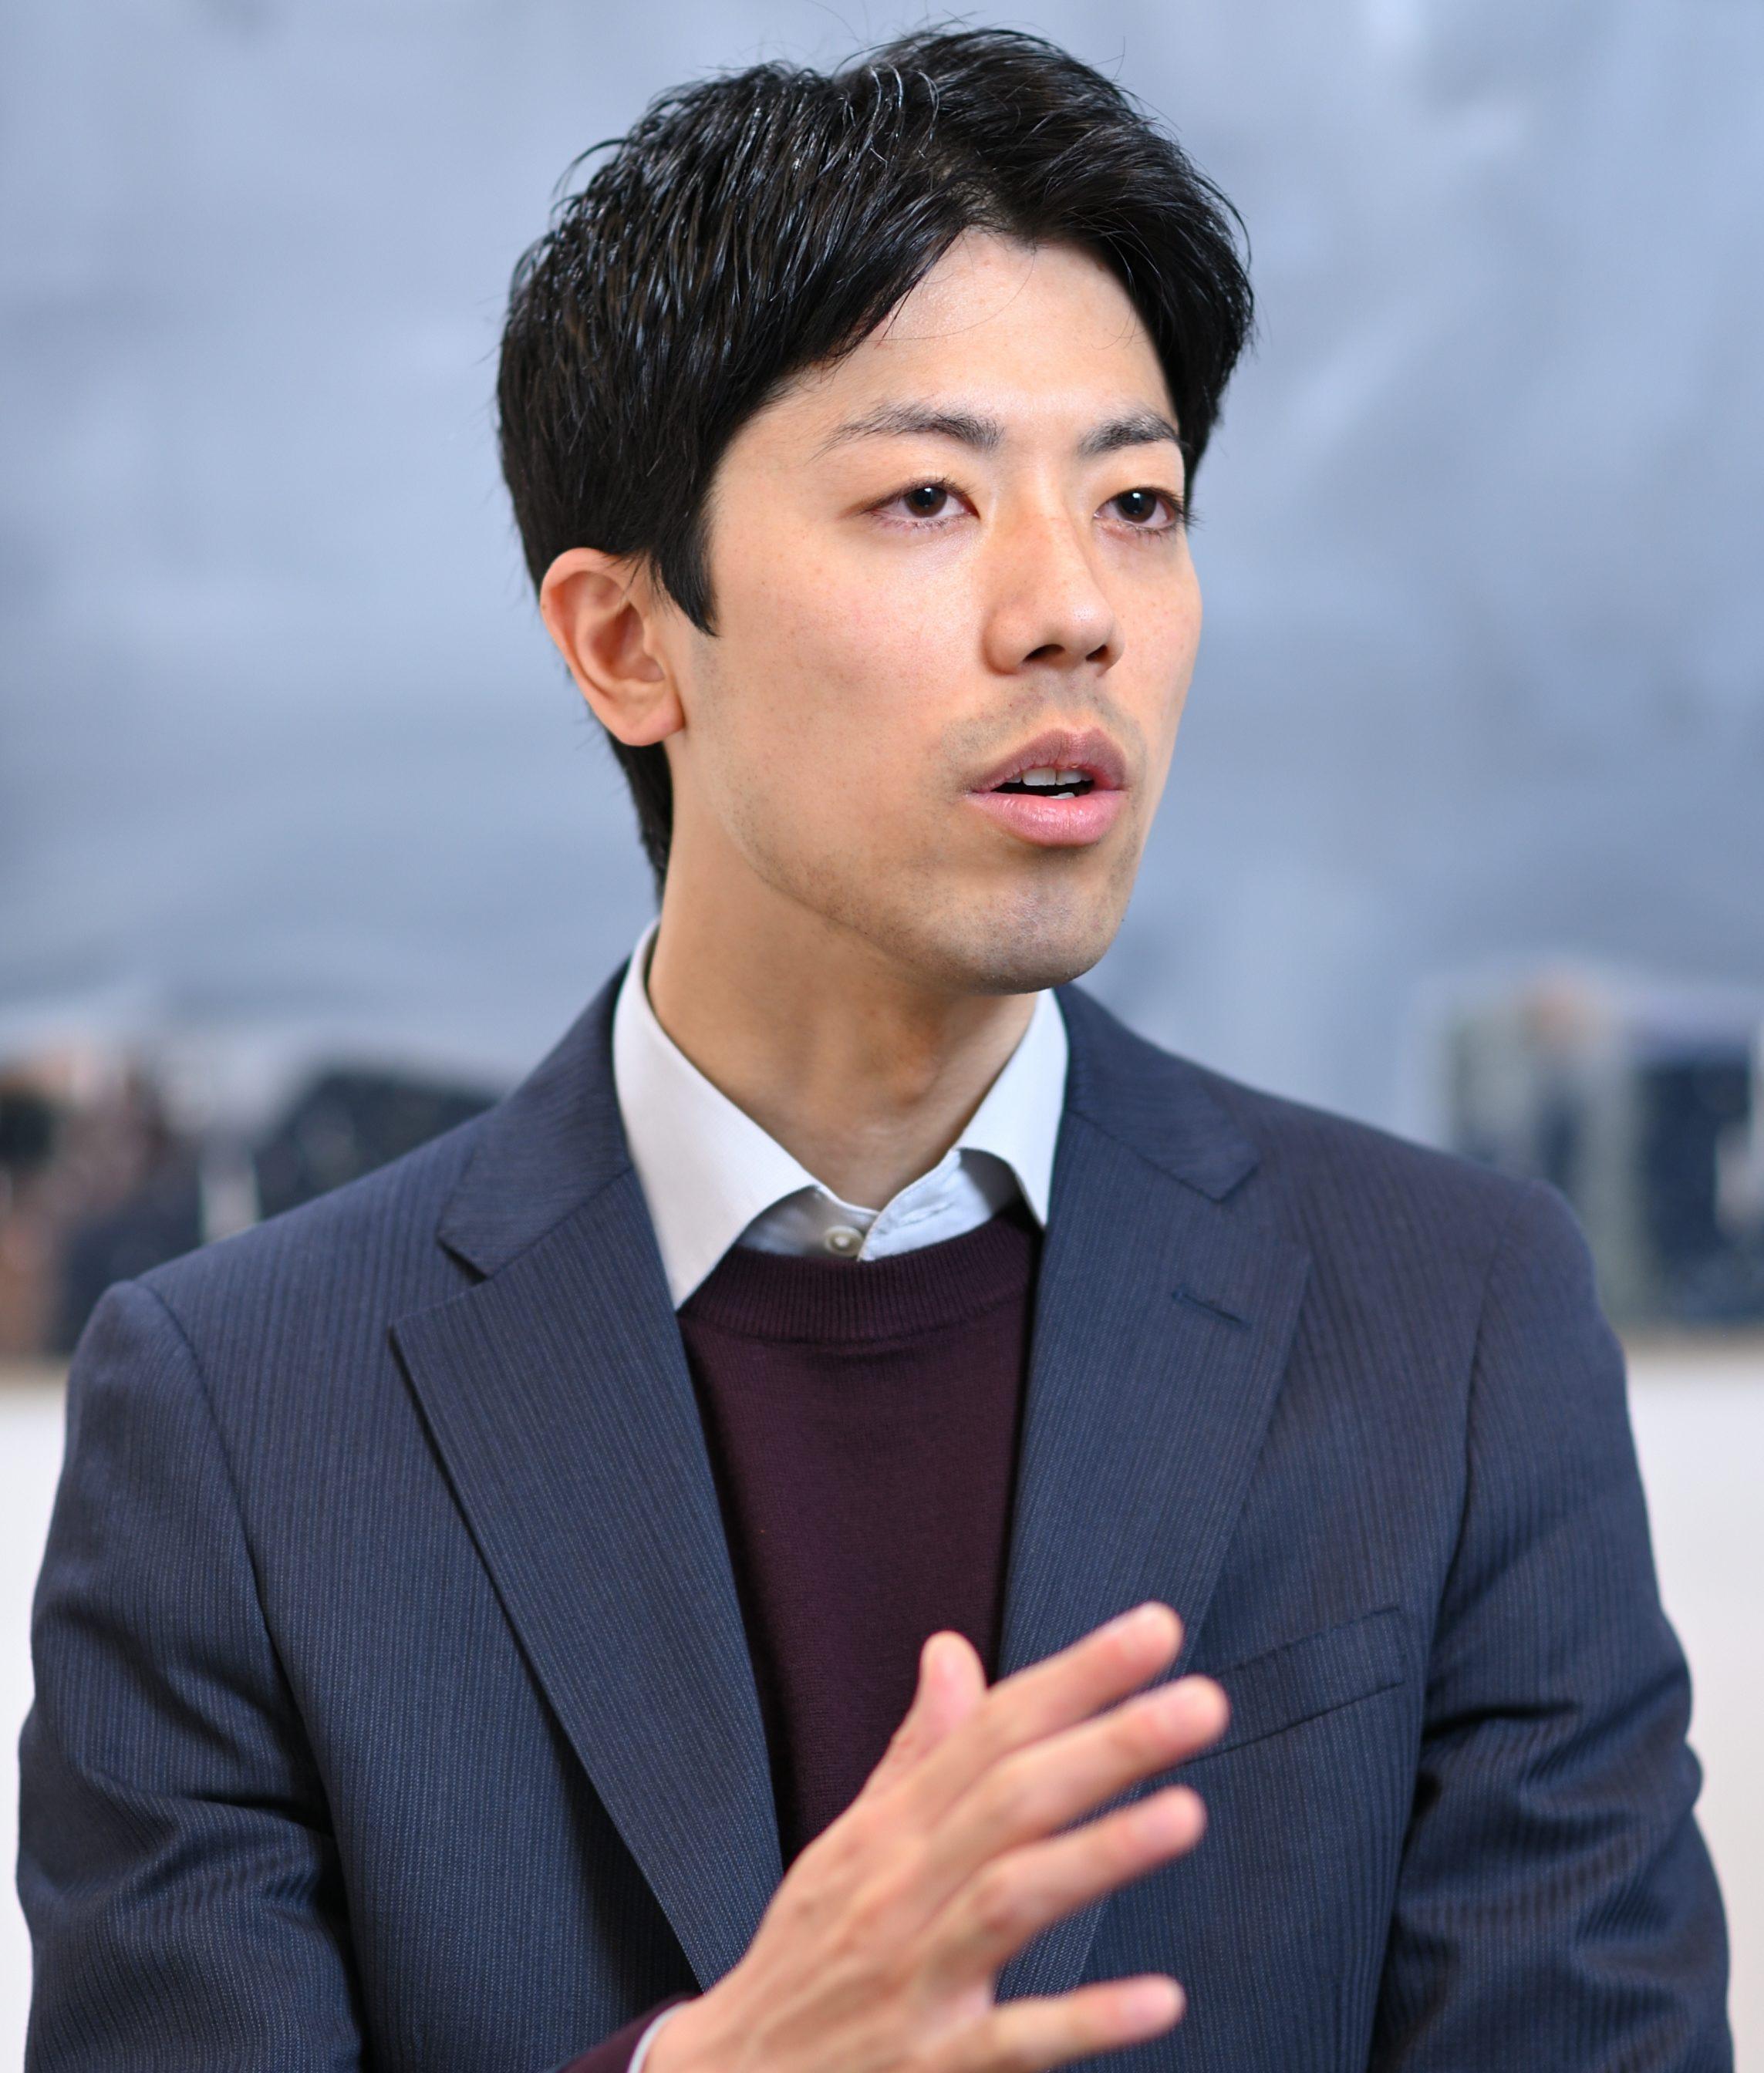 株式会社フィスコ 情報配信部株式アナリスト 仲村幸浩 氏